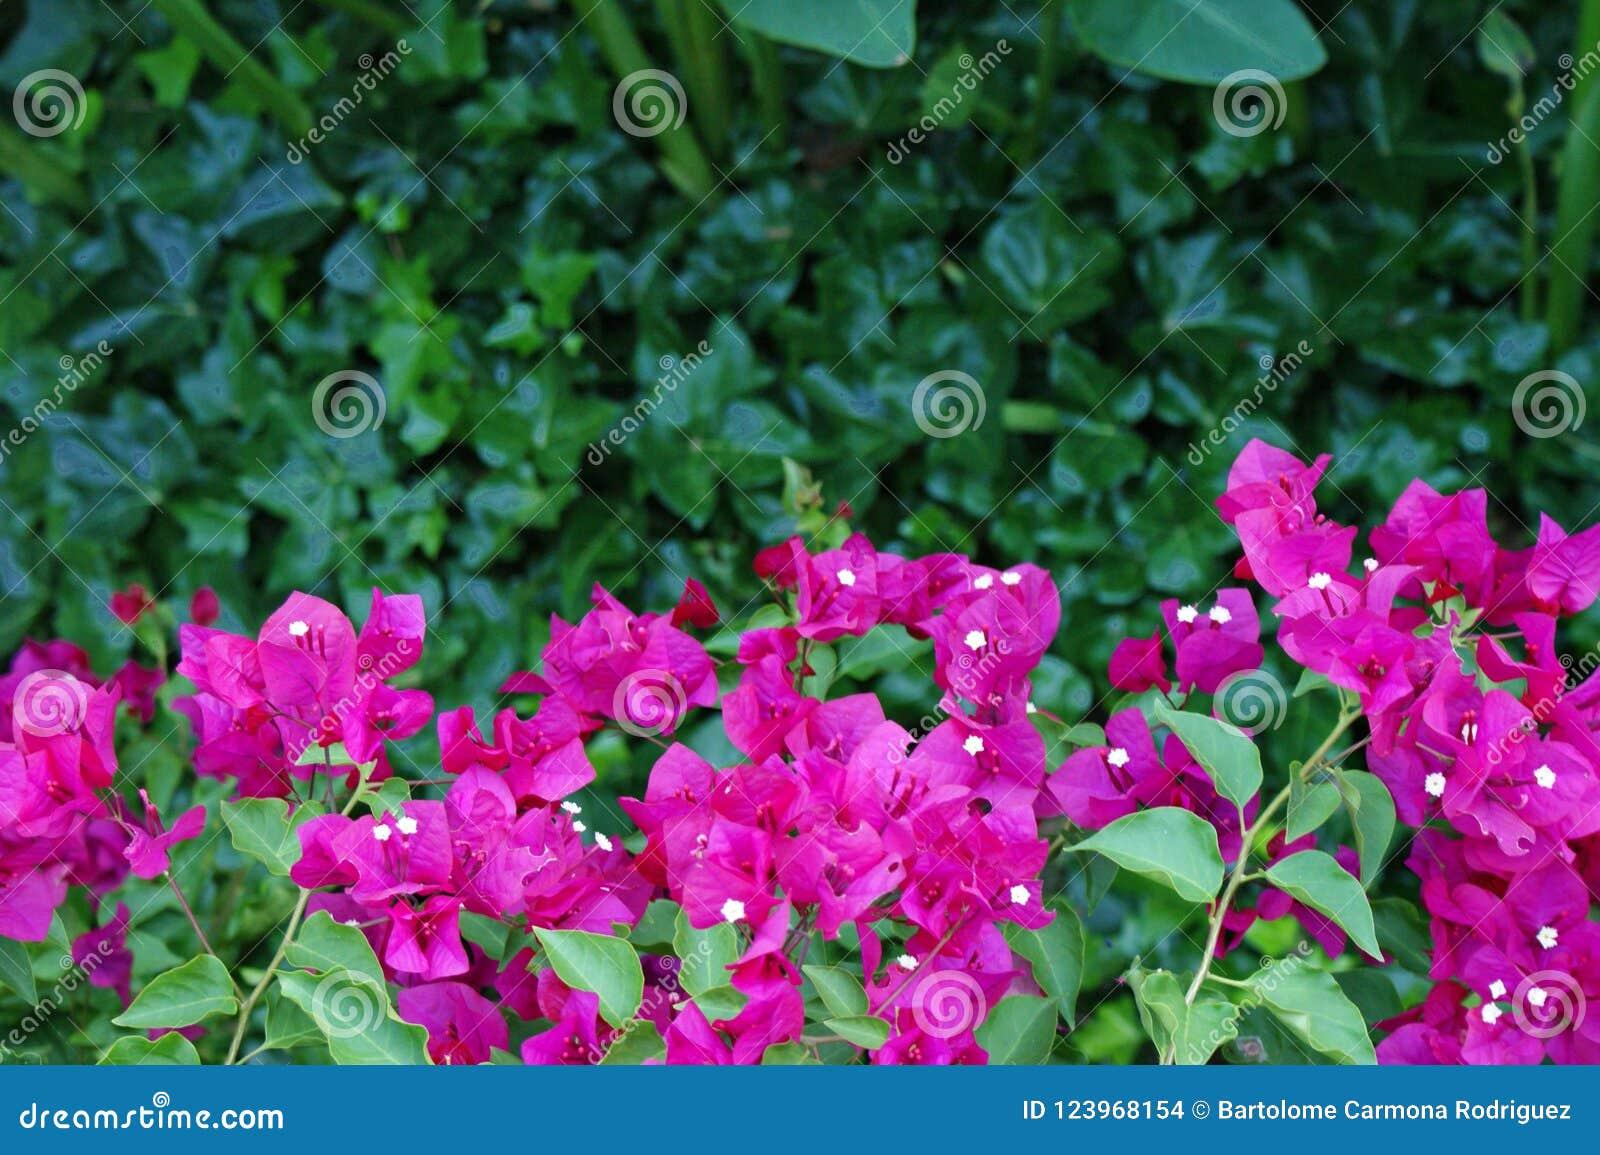 Buganvilla fucsia rosada hermosa entre una verja negra del hierro labrado